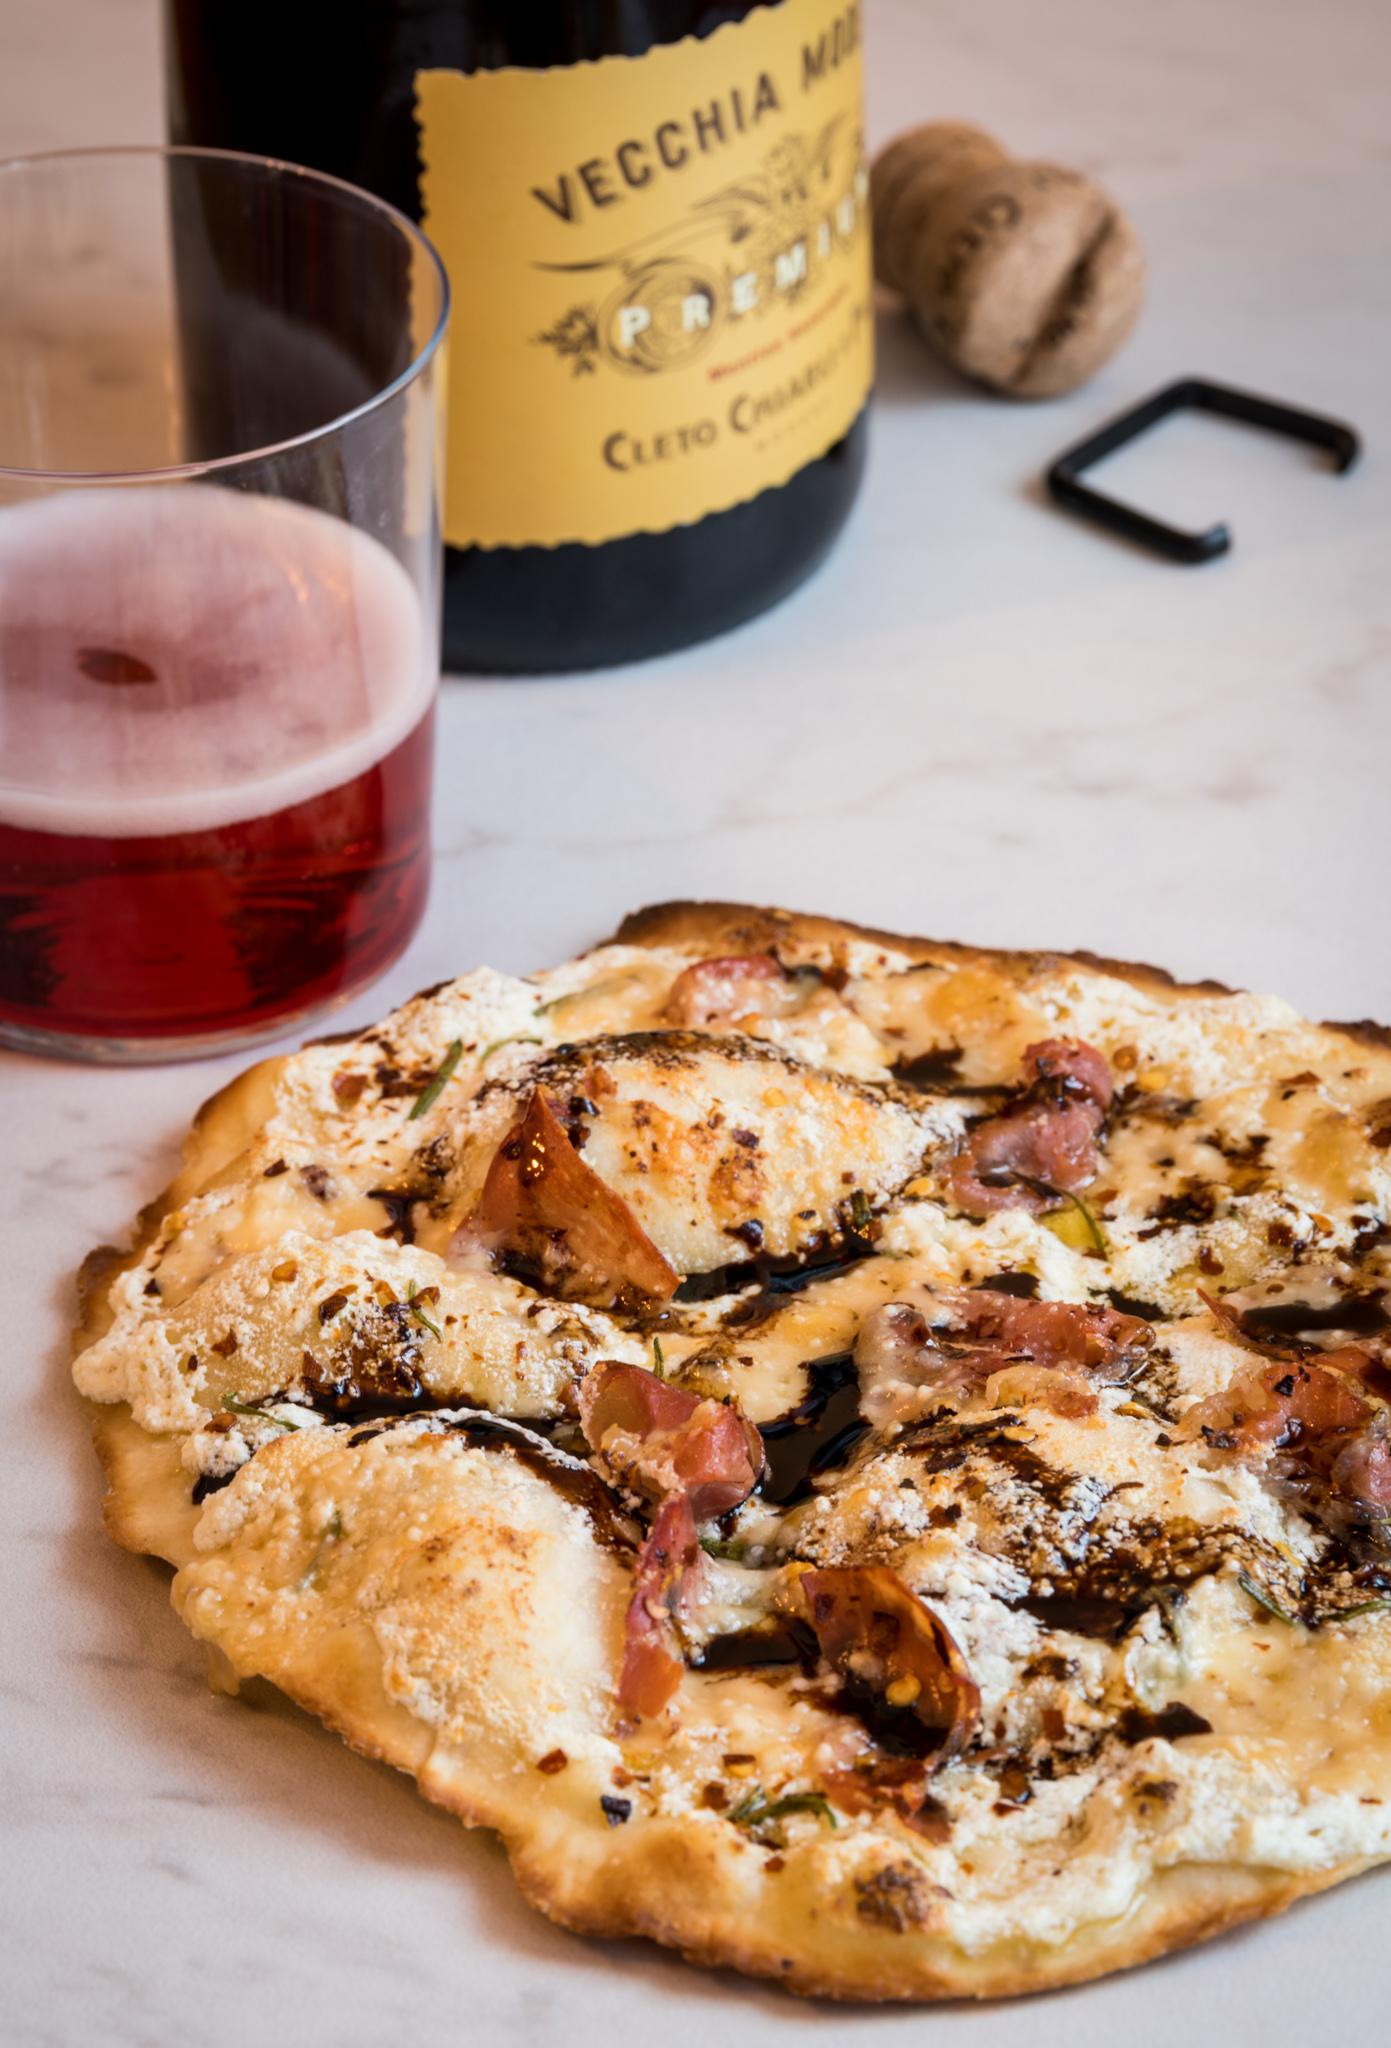 """In the spirit of Emilia-Romagna, Italy  : Pizza with ricotta and olive oil base, Parmigiano-Reggiano, Prosciutto di Parma, rosemary, Aceto Balsamico di Modena : Paired with Cleto Chiarli """"Vecchia Modena"""" Lambrsuco"""